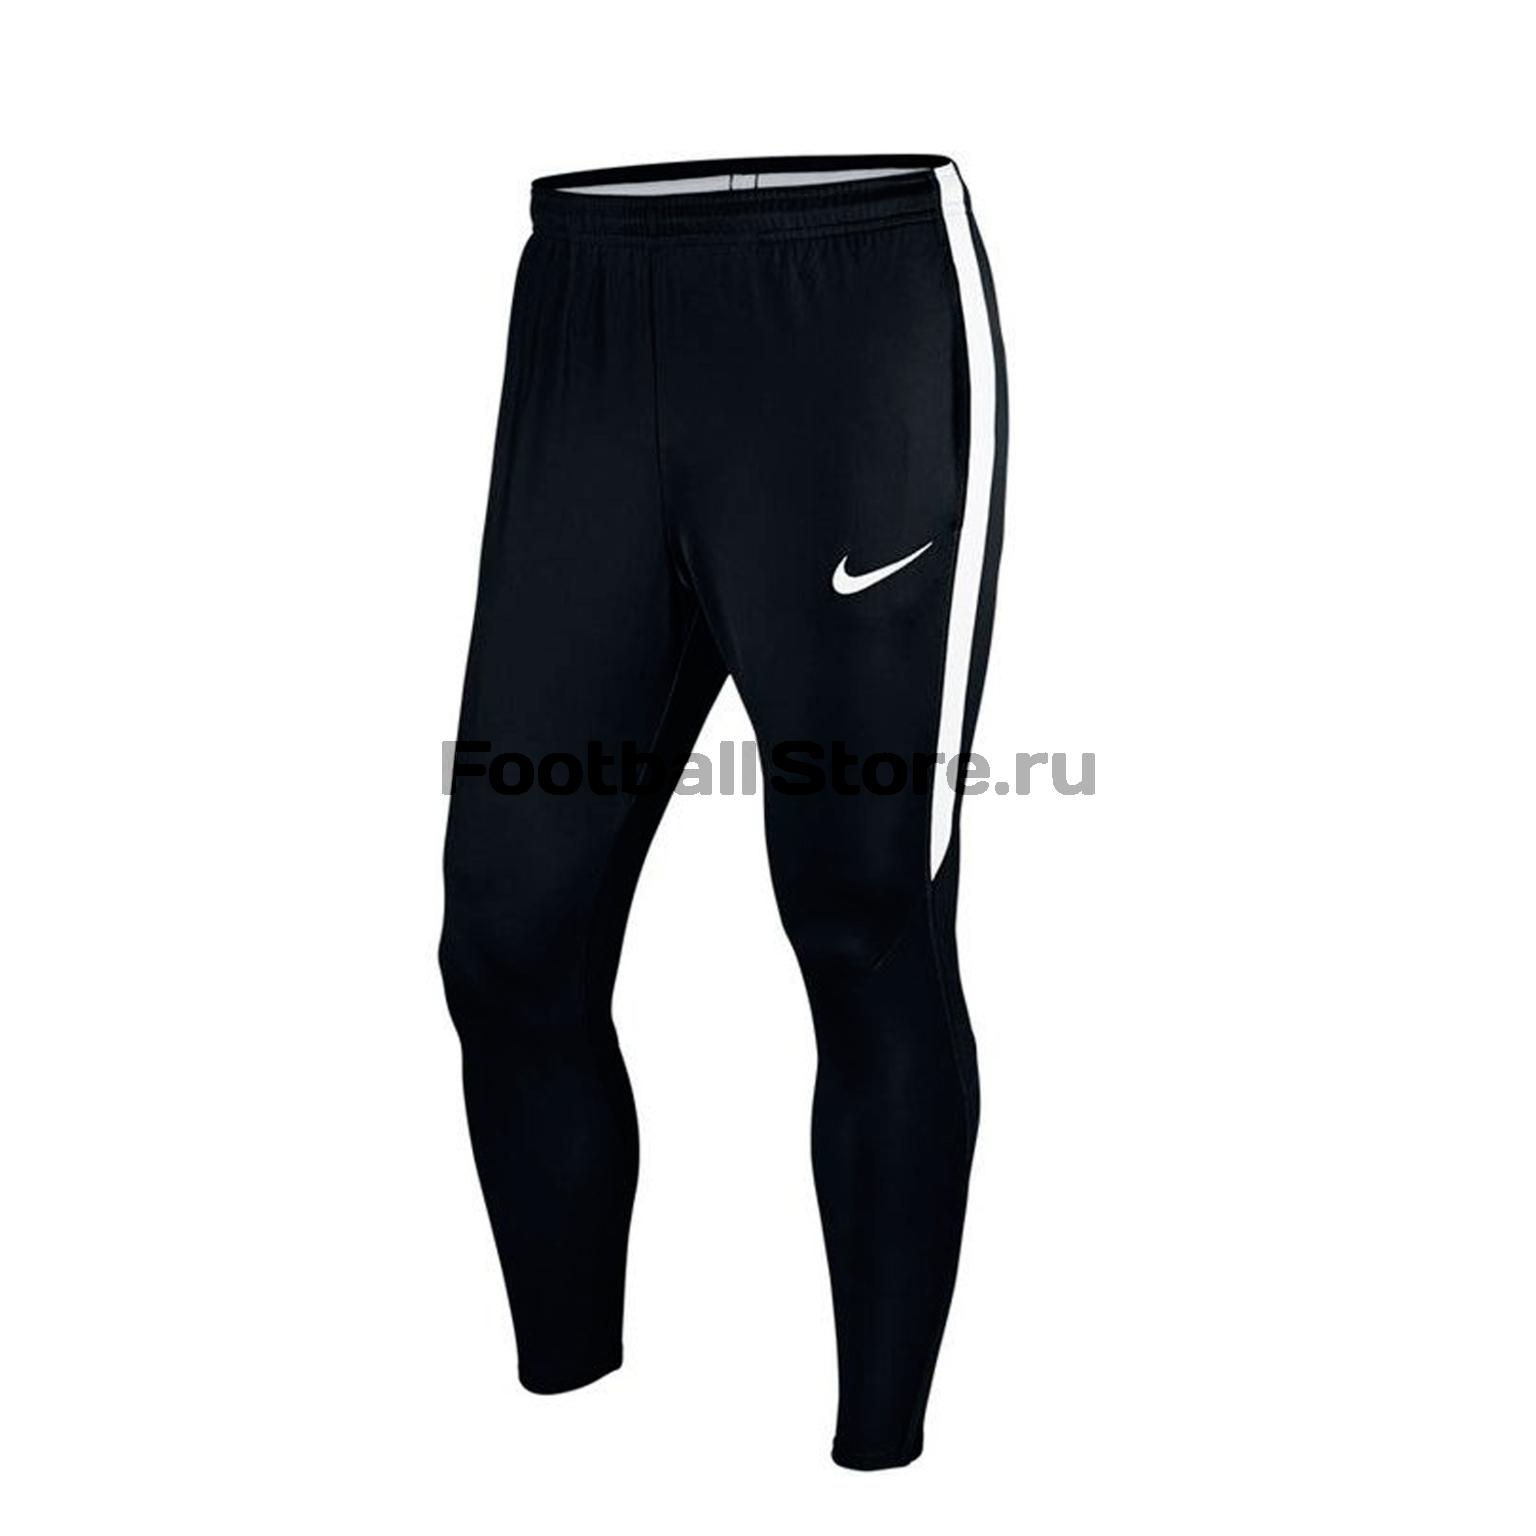 Брюки тренировочные Nike Dry SQD Pant KPZ 832276-010S брюки тренировочные nike m nk dry sqd17 pant kpz 832276 010